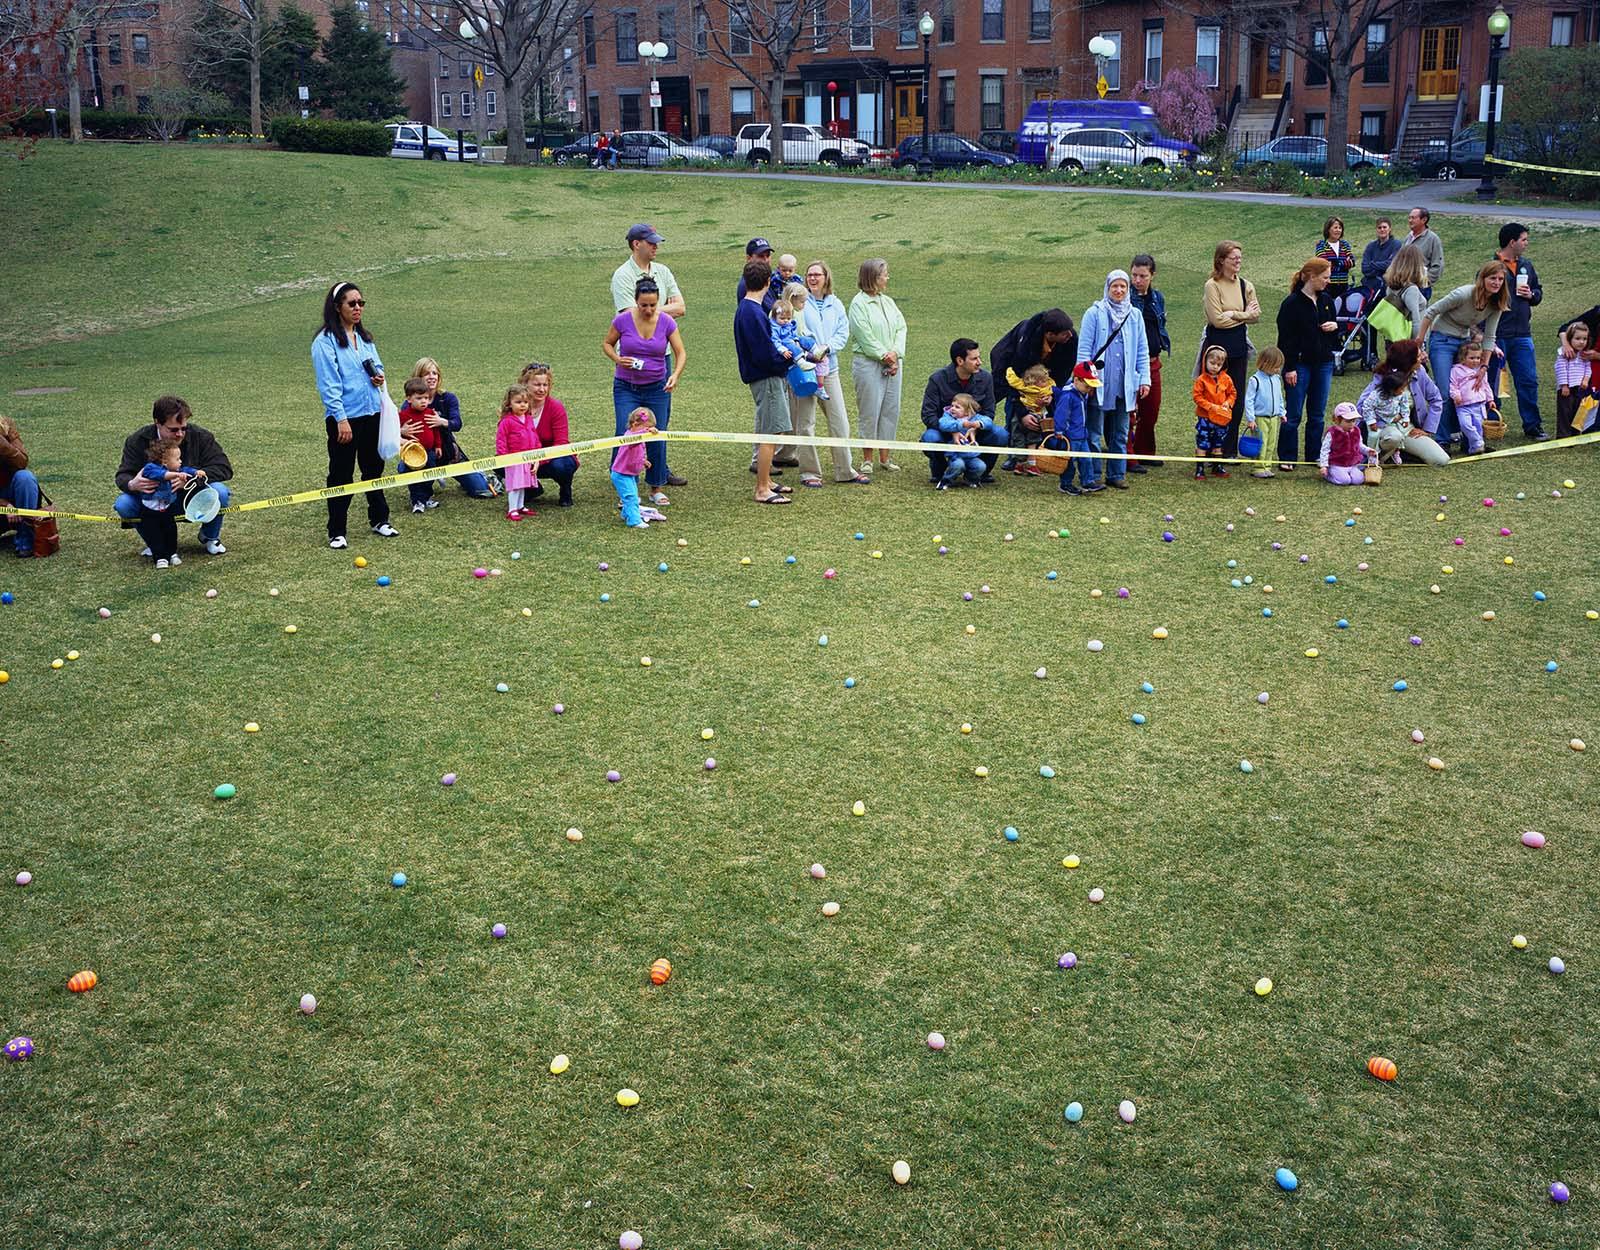 Easter Egg Hunt, Boston USA